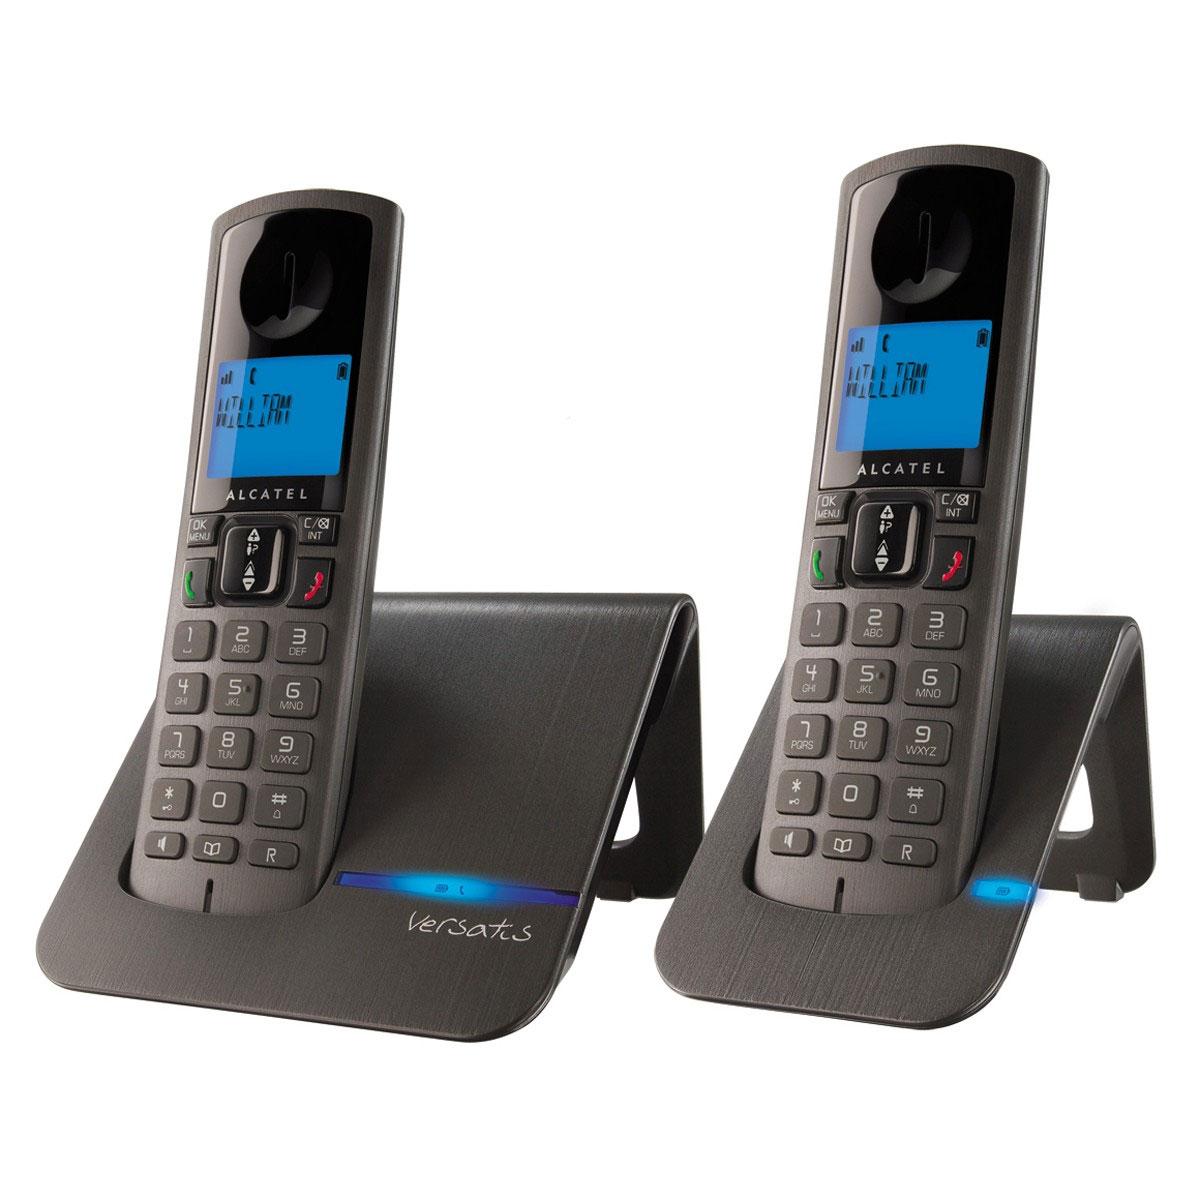 Téléphone sans fil Alcatel Versatis F250 Duo Noir Téléphone DECT sans fil avec combiné supplémentaire (version française)